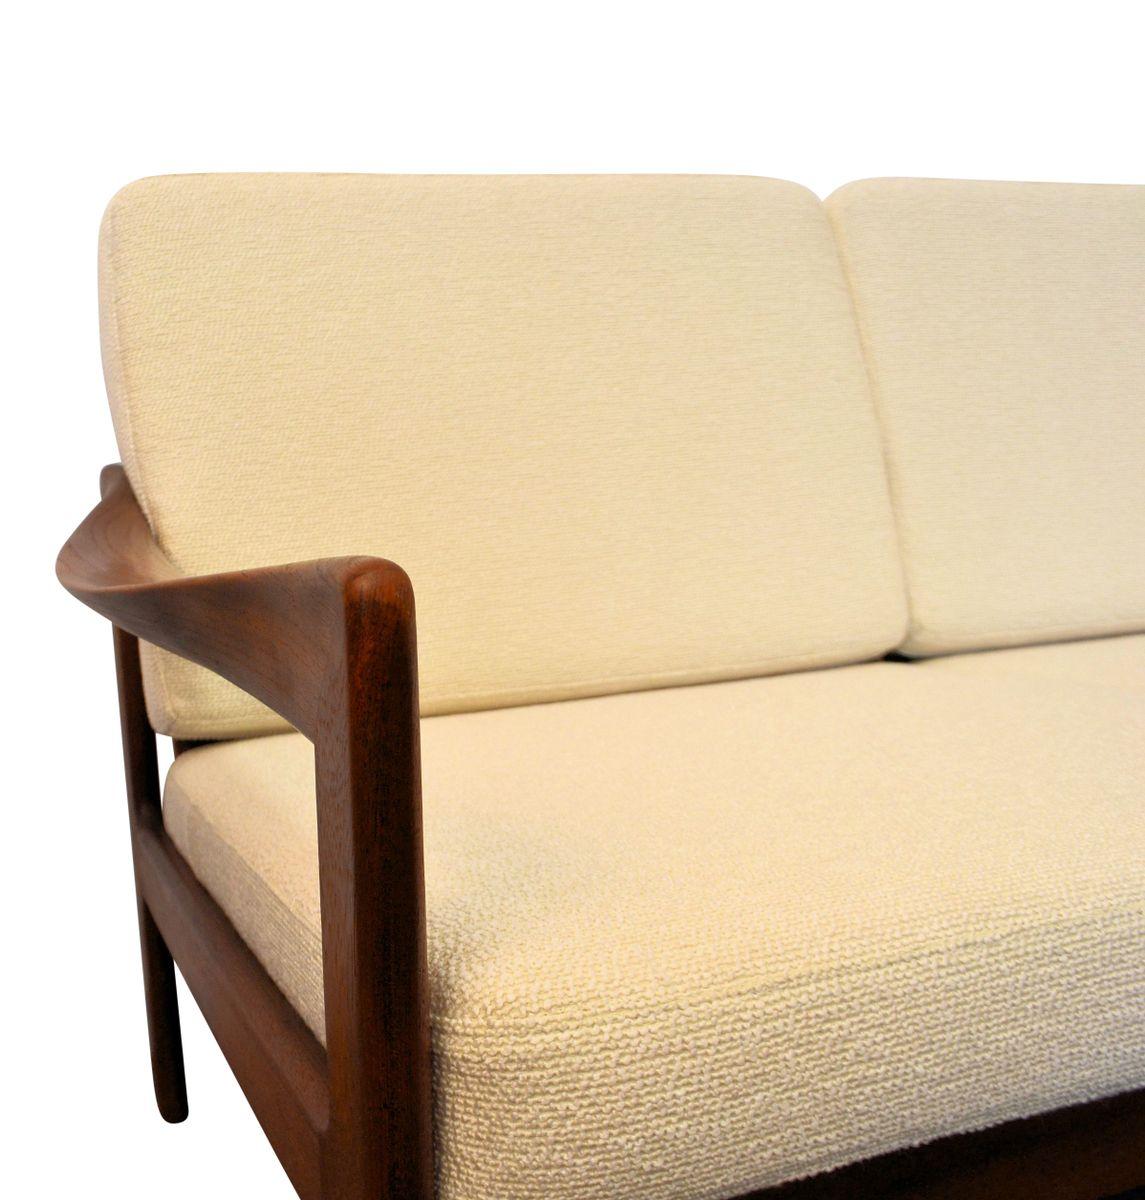 Vintage danish teak 3 seater sofa by illum wikkelso for for Sofa 60er gebraucht